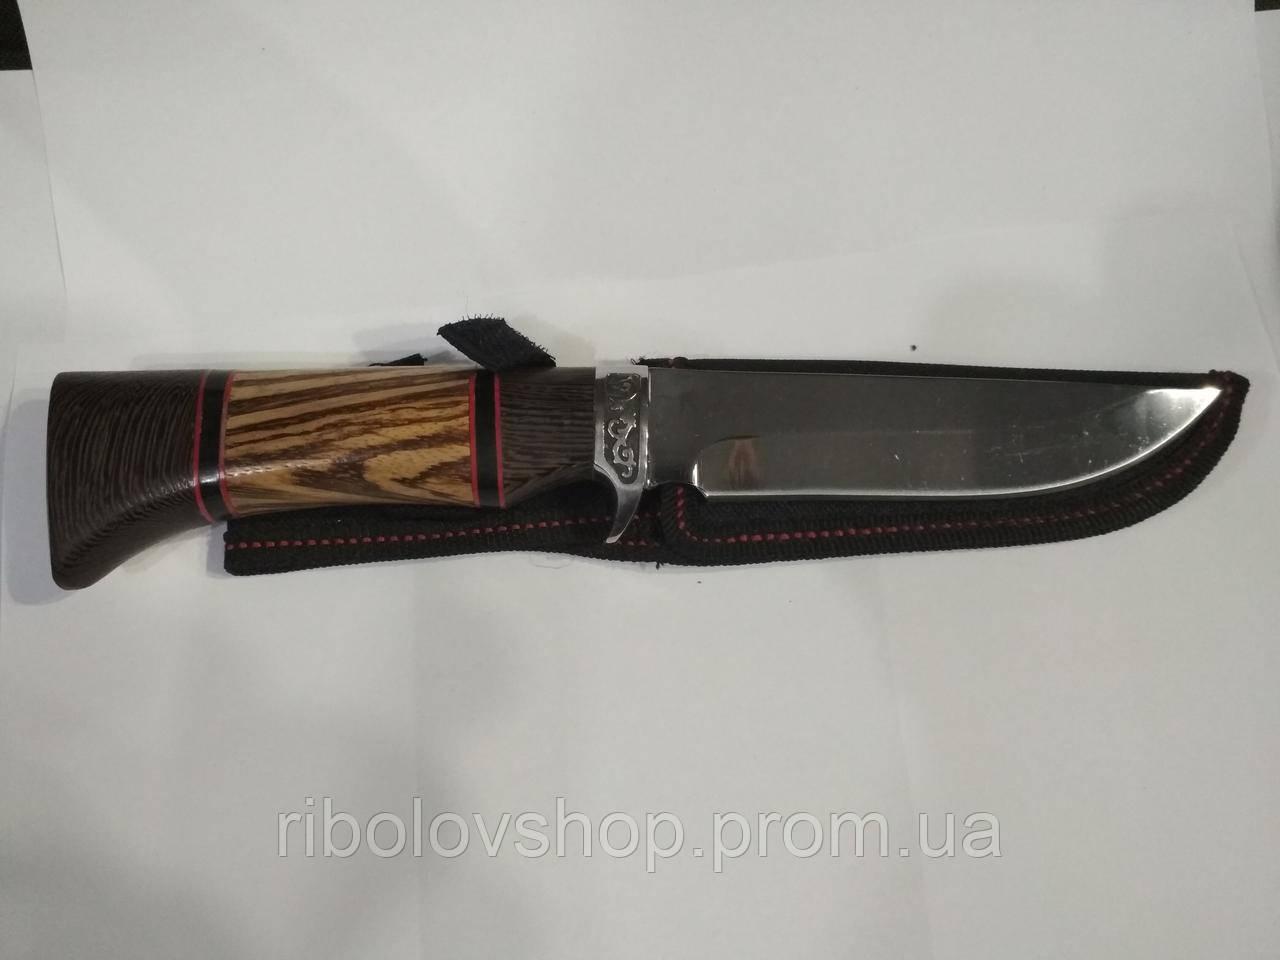 Оригинальный охотничий, туристичиский, рыбацкий нож